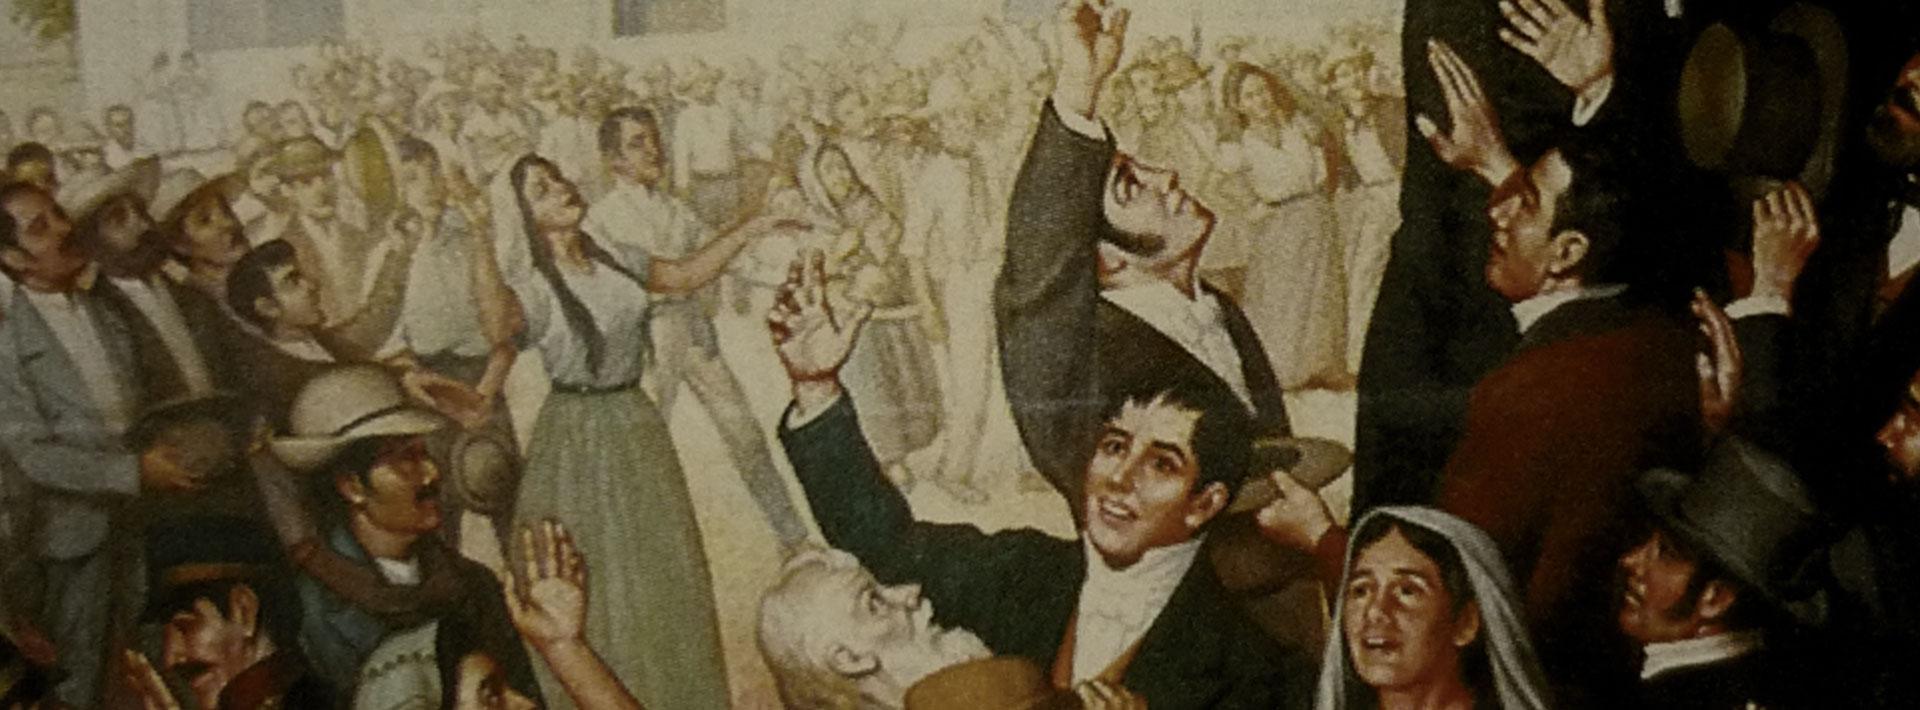 Insurrecciones populares antes y después de 1810 en la obra más reciente de Luis Fernando Granados